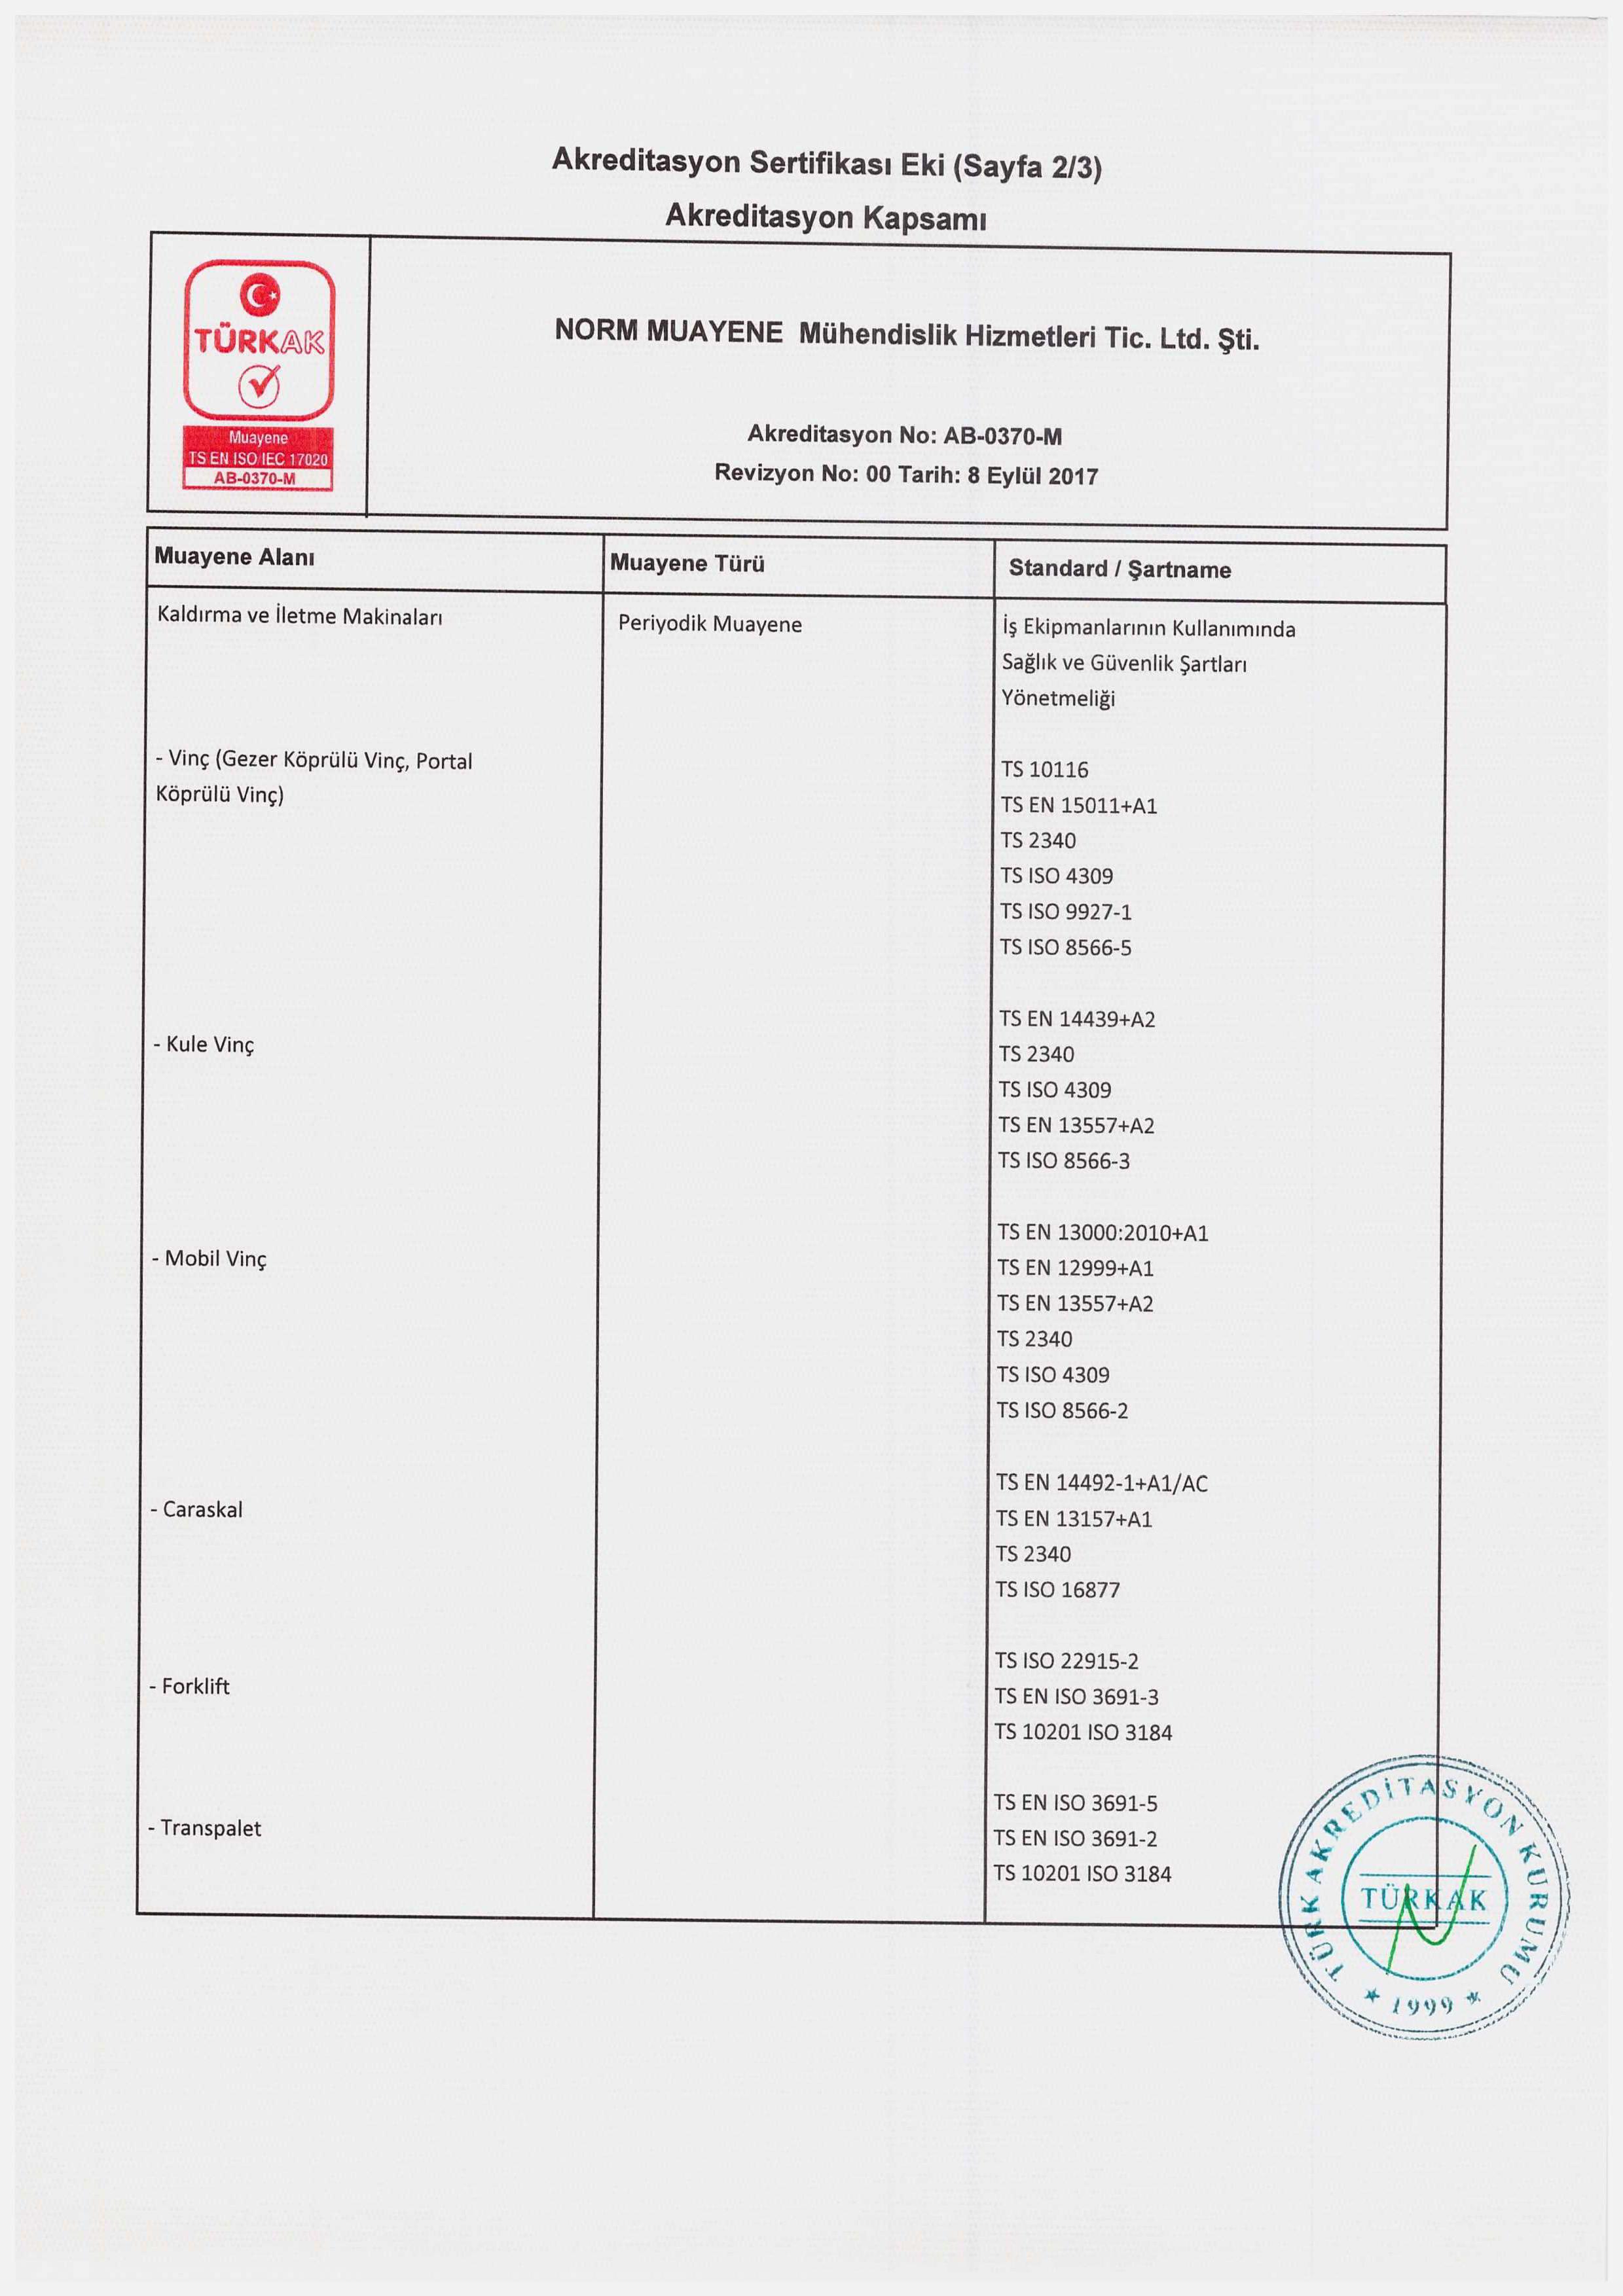 türkak sertifikası norm muayene kapsam